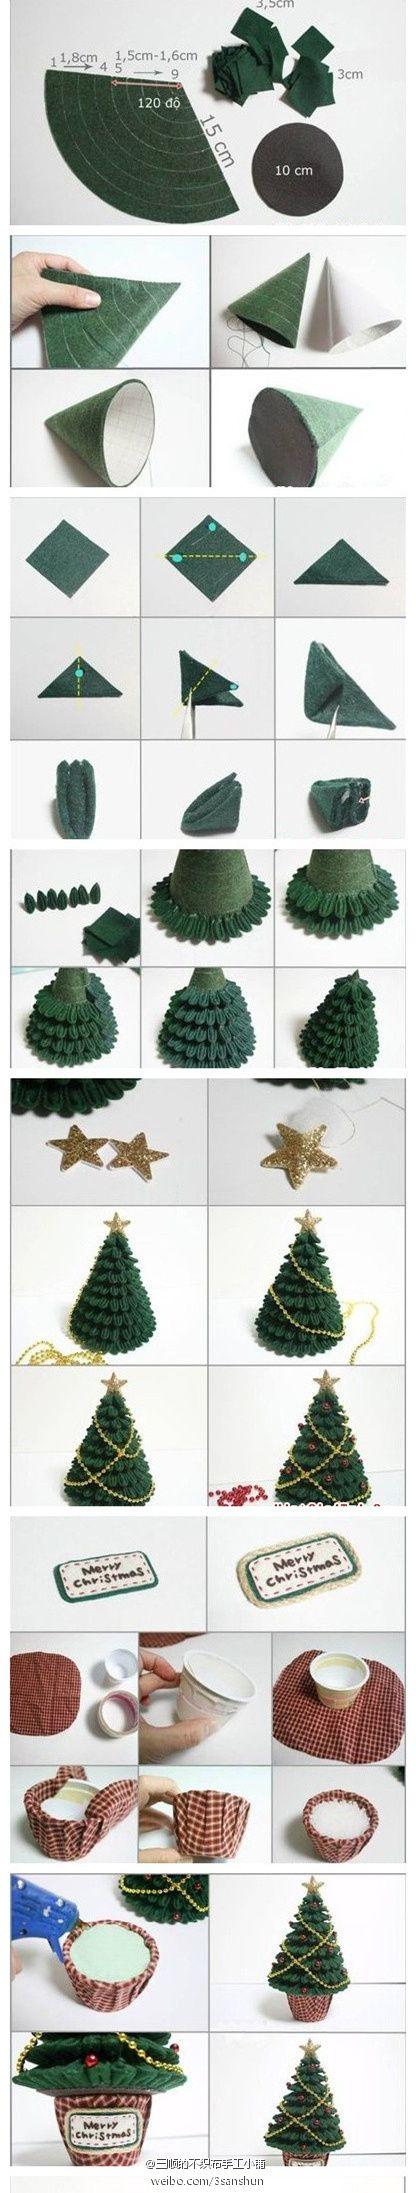 不织布圣诞...来自念那些曾经的图片分享-堆糖